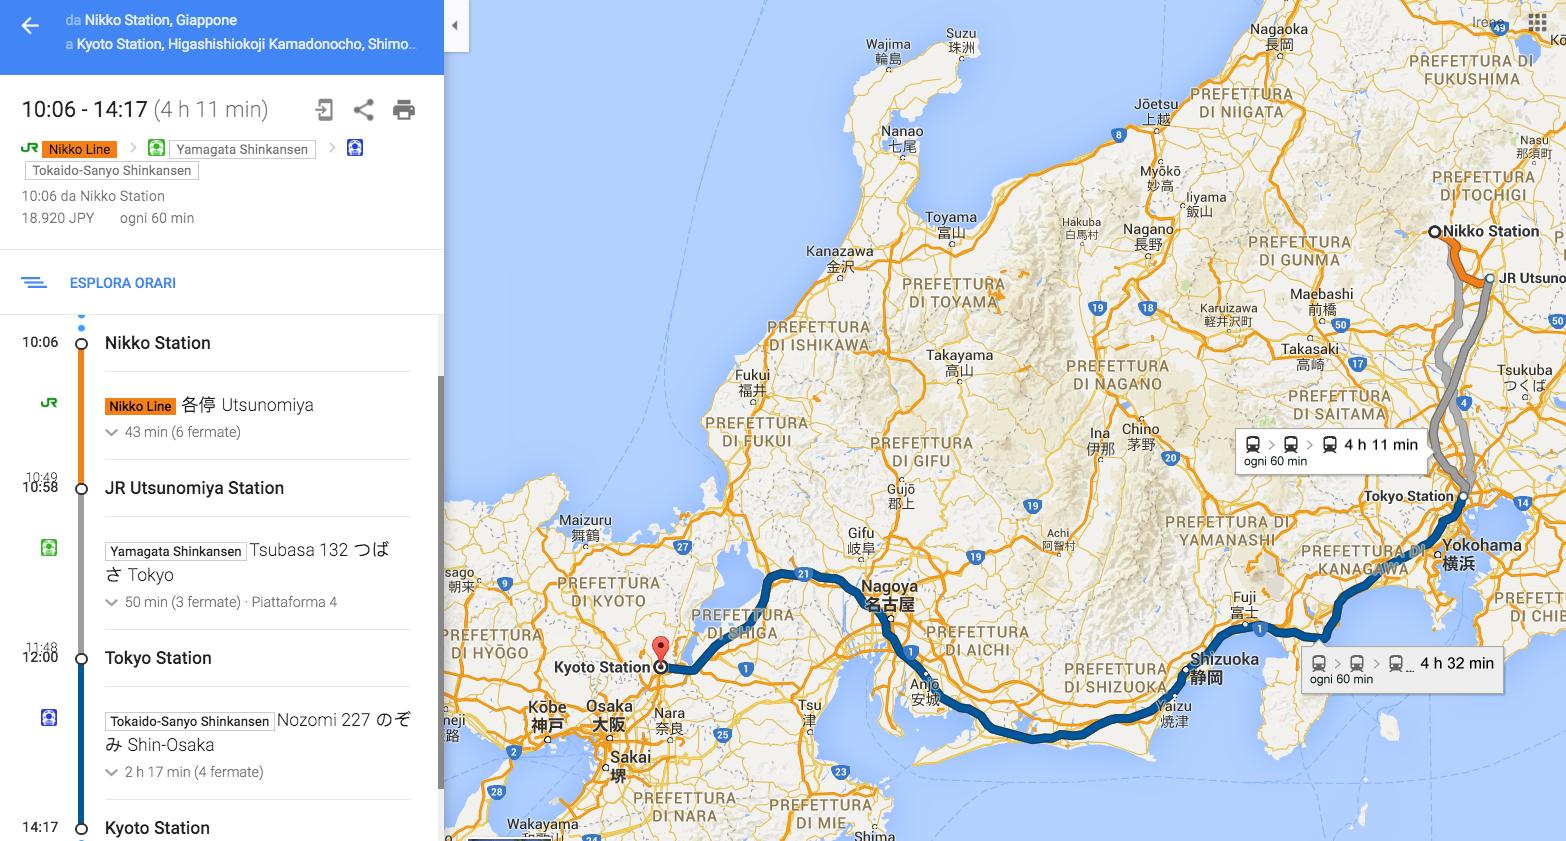 Da Nikko a Kyoto in treno